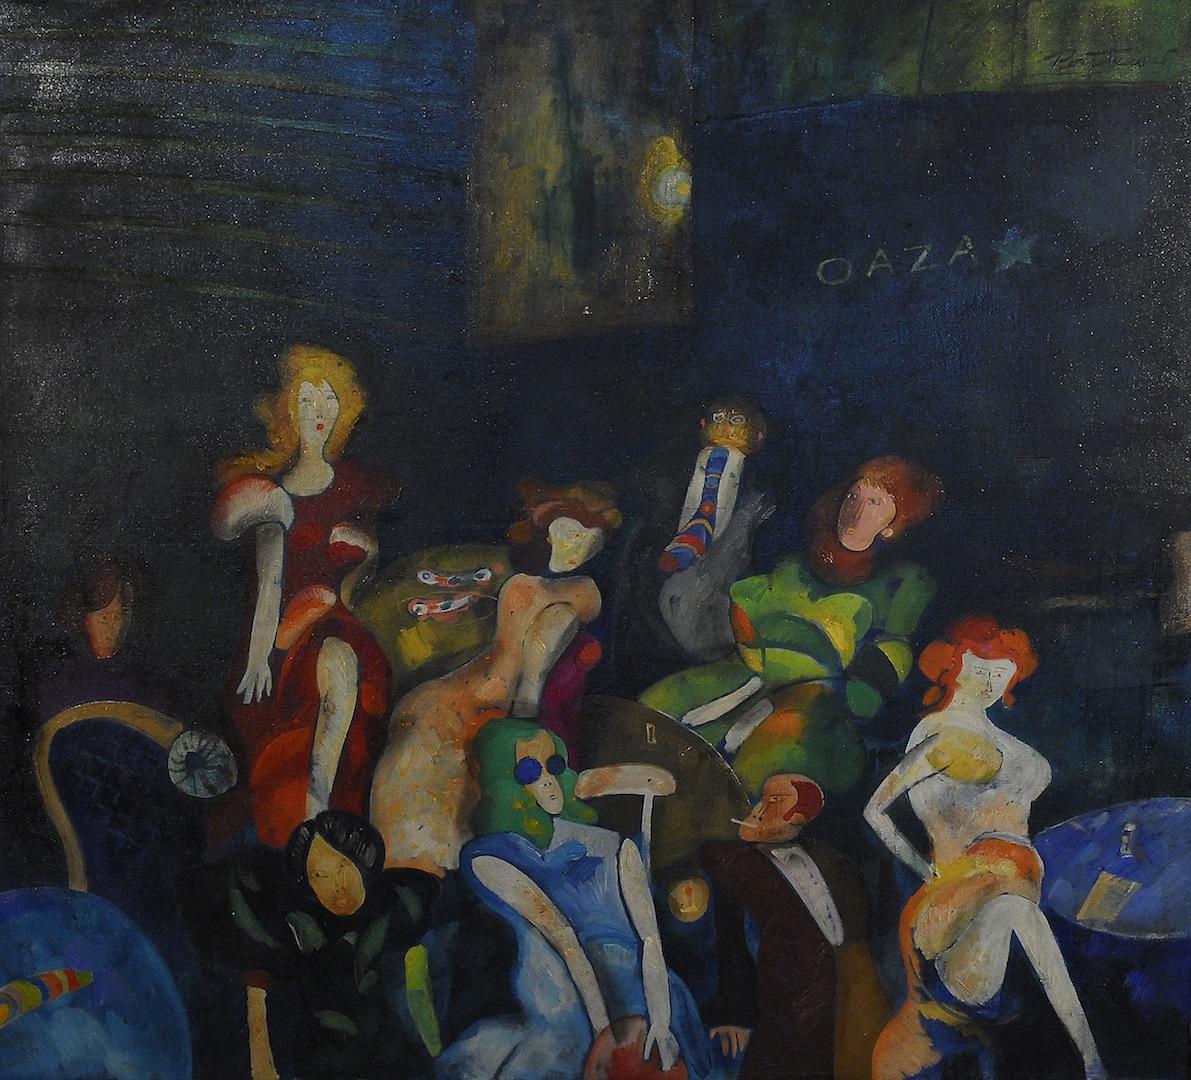 Oaza. Kompozycja figuralna I, ok. 1969